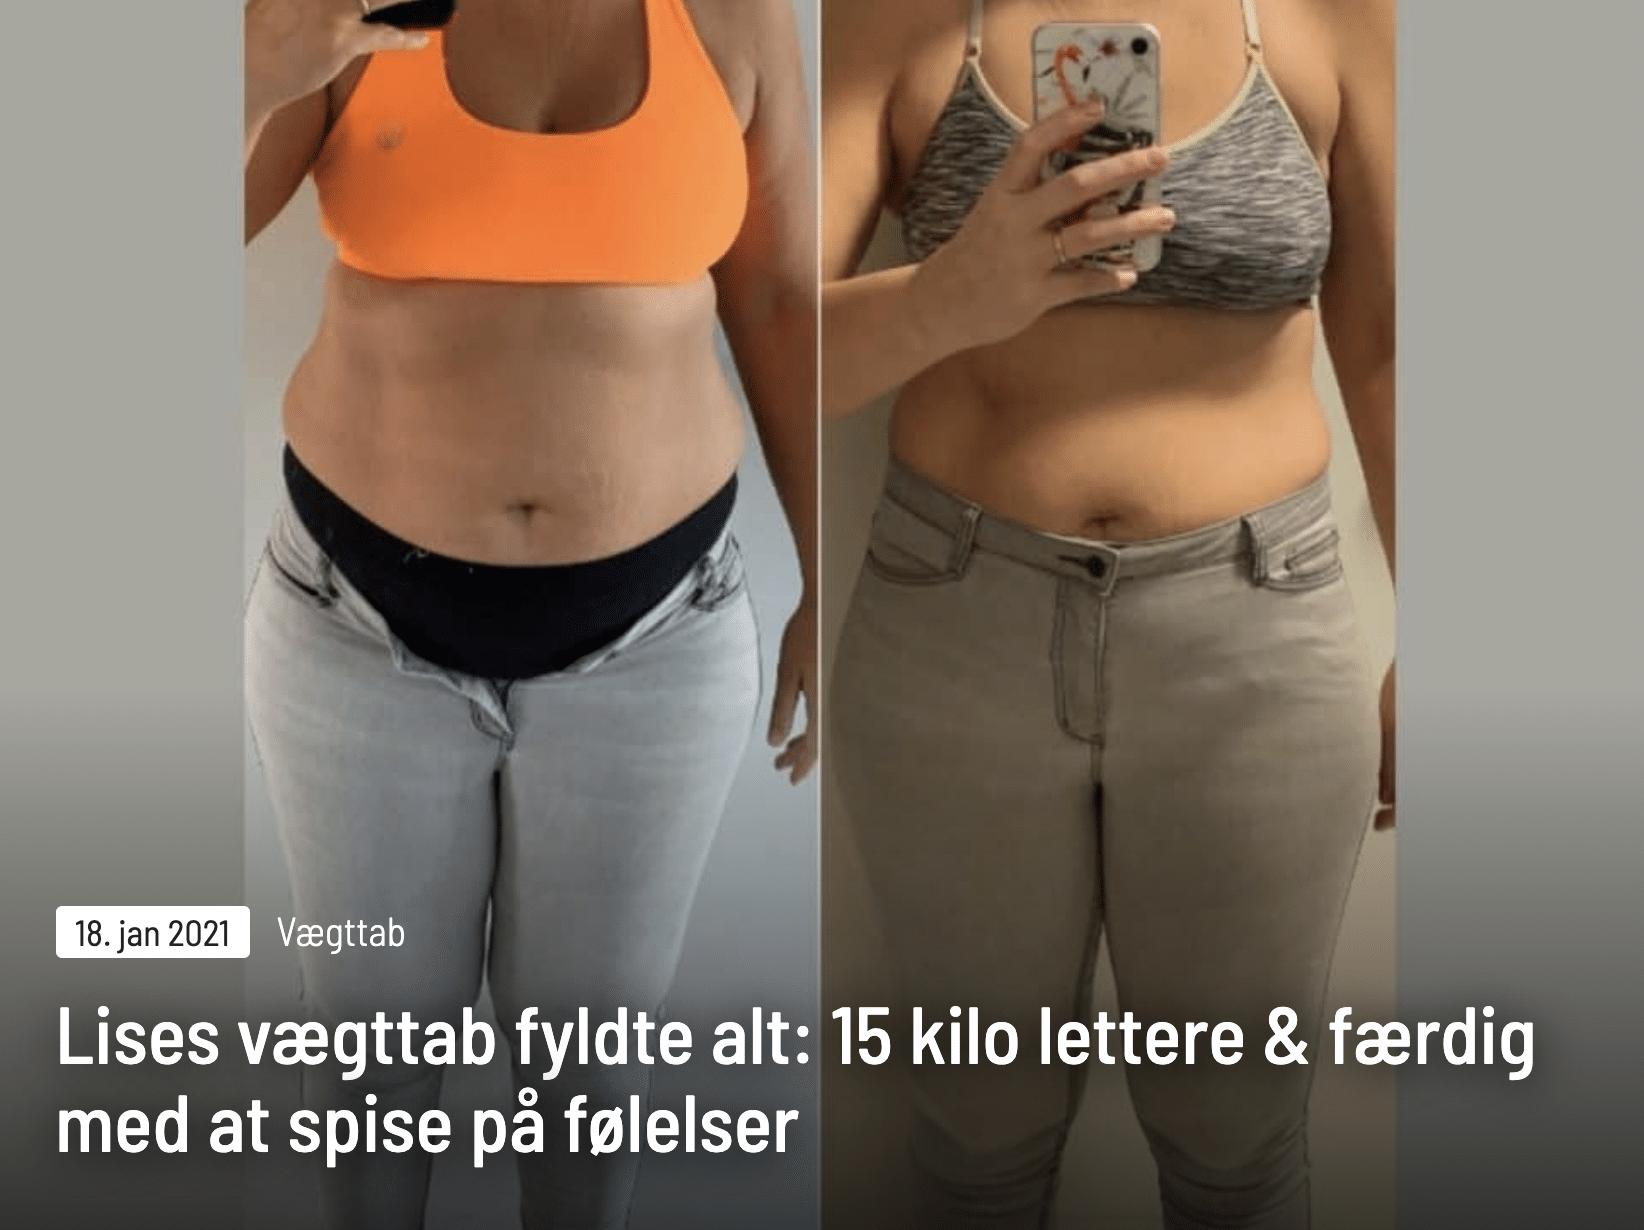 Lises vægttabsrejse